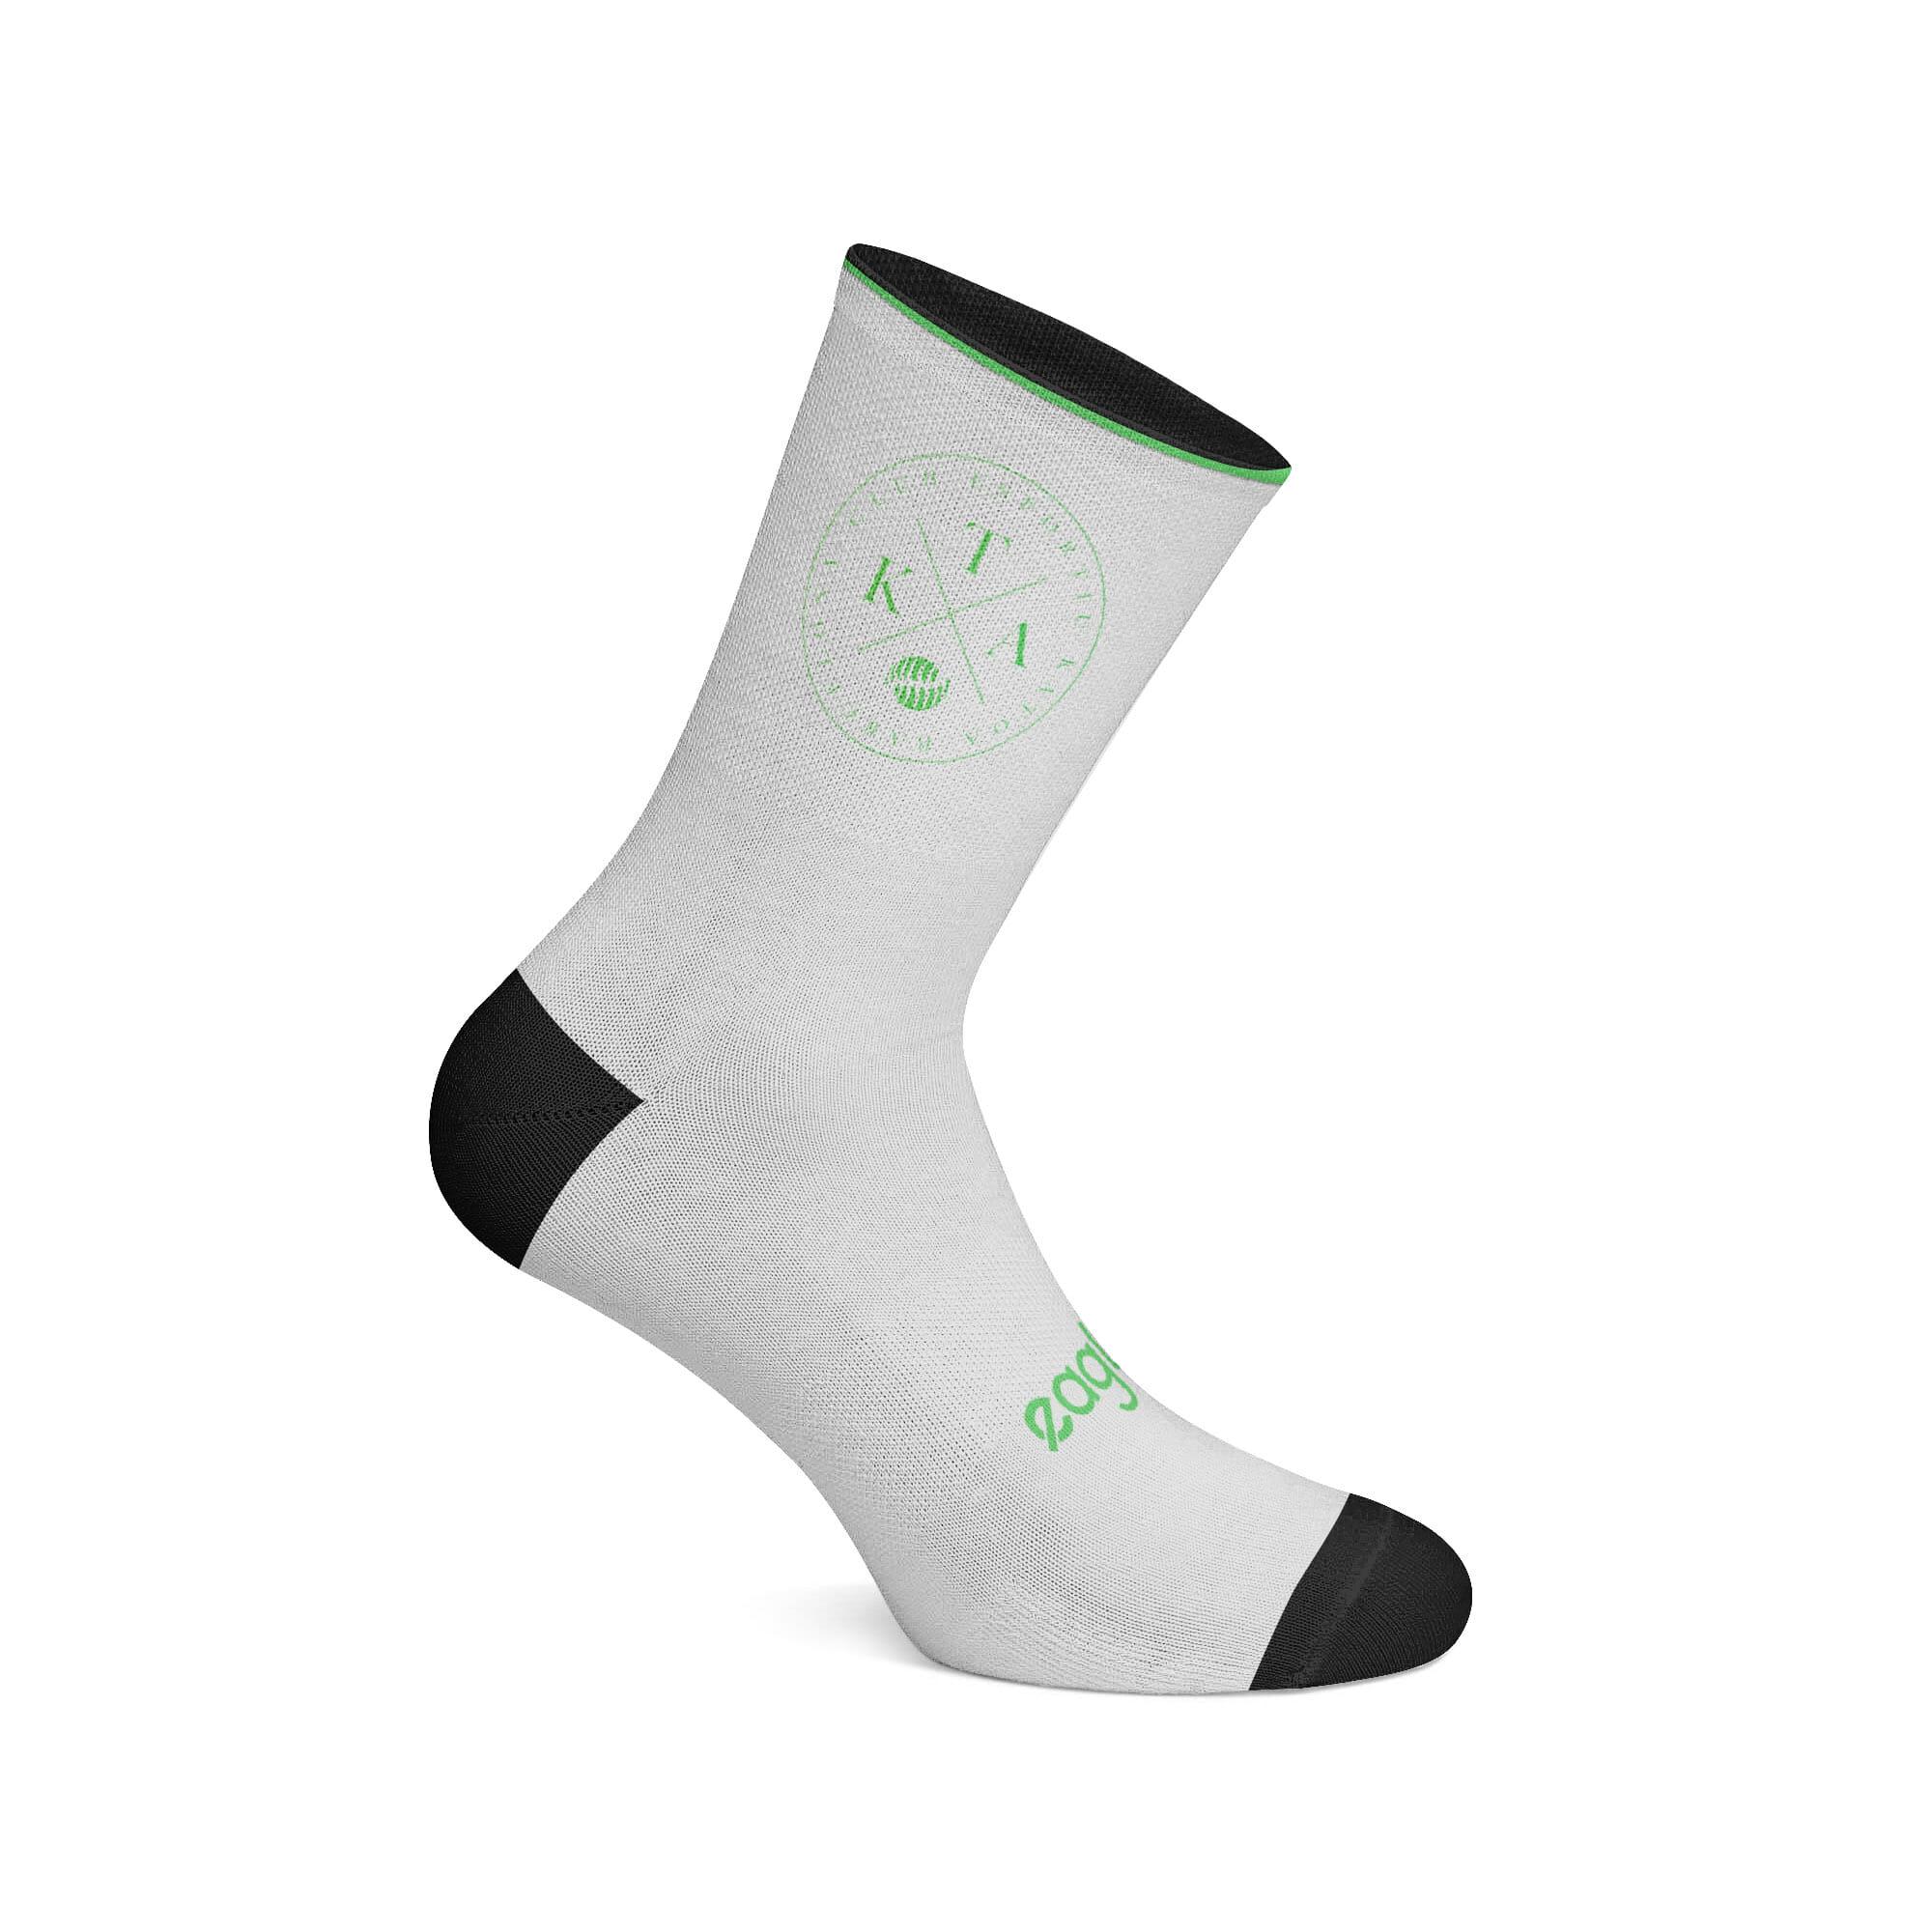 calcetines personalizados para running y ciclismo